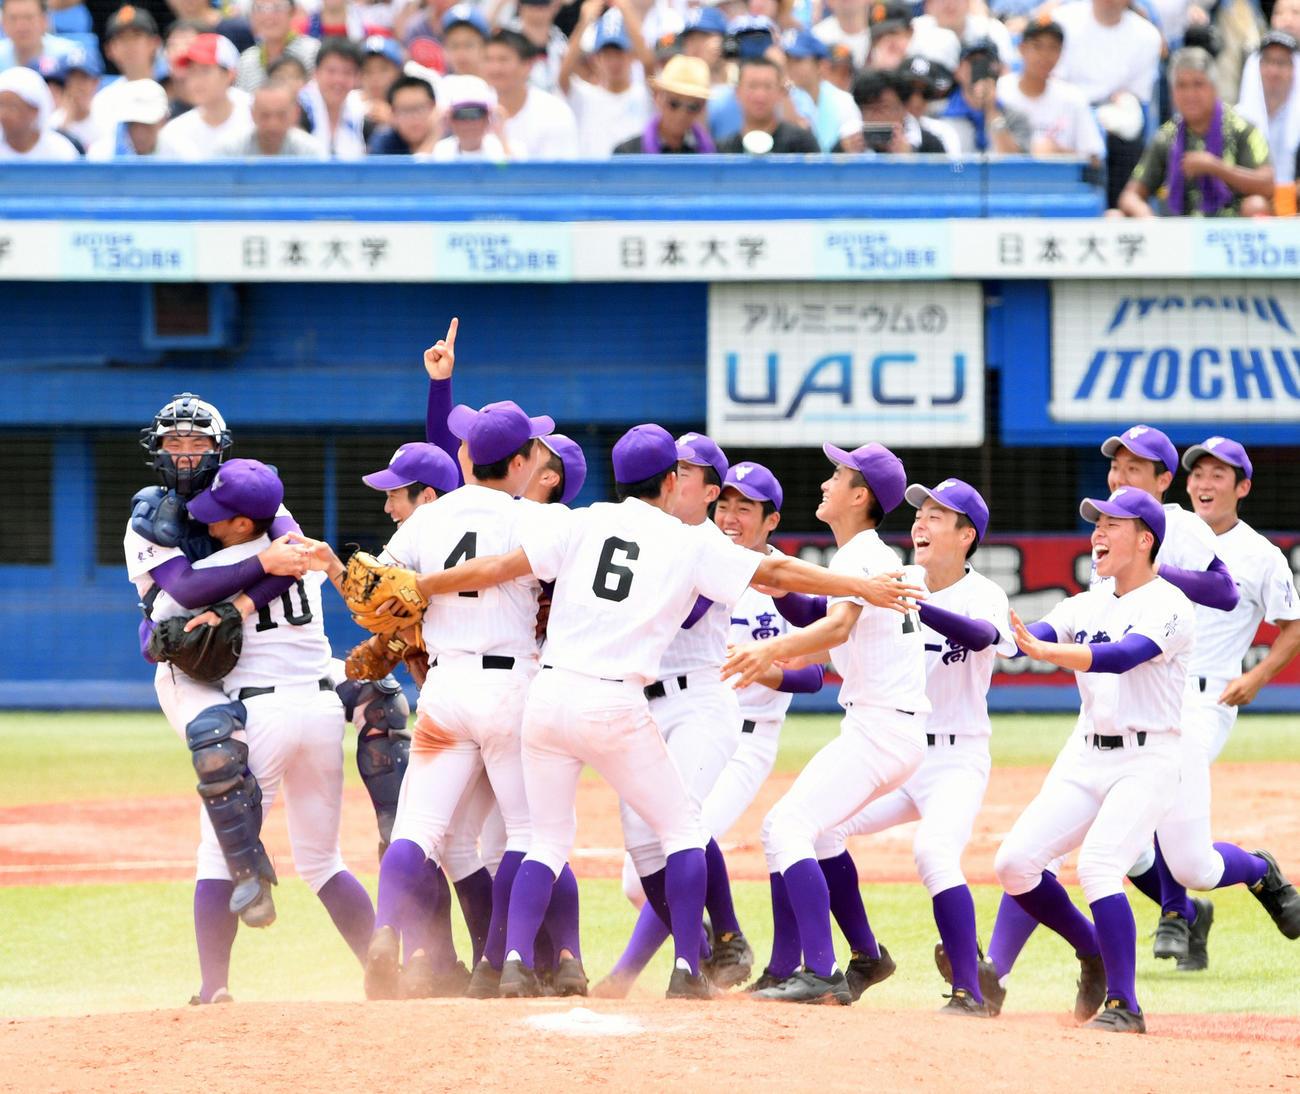 昨年の東東京大会決勝で優勝を決め歓喜の輪を作る関東第一ナイン(2019年7月27日撮影 )